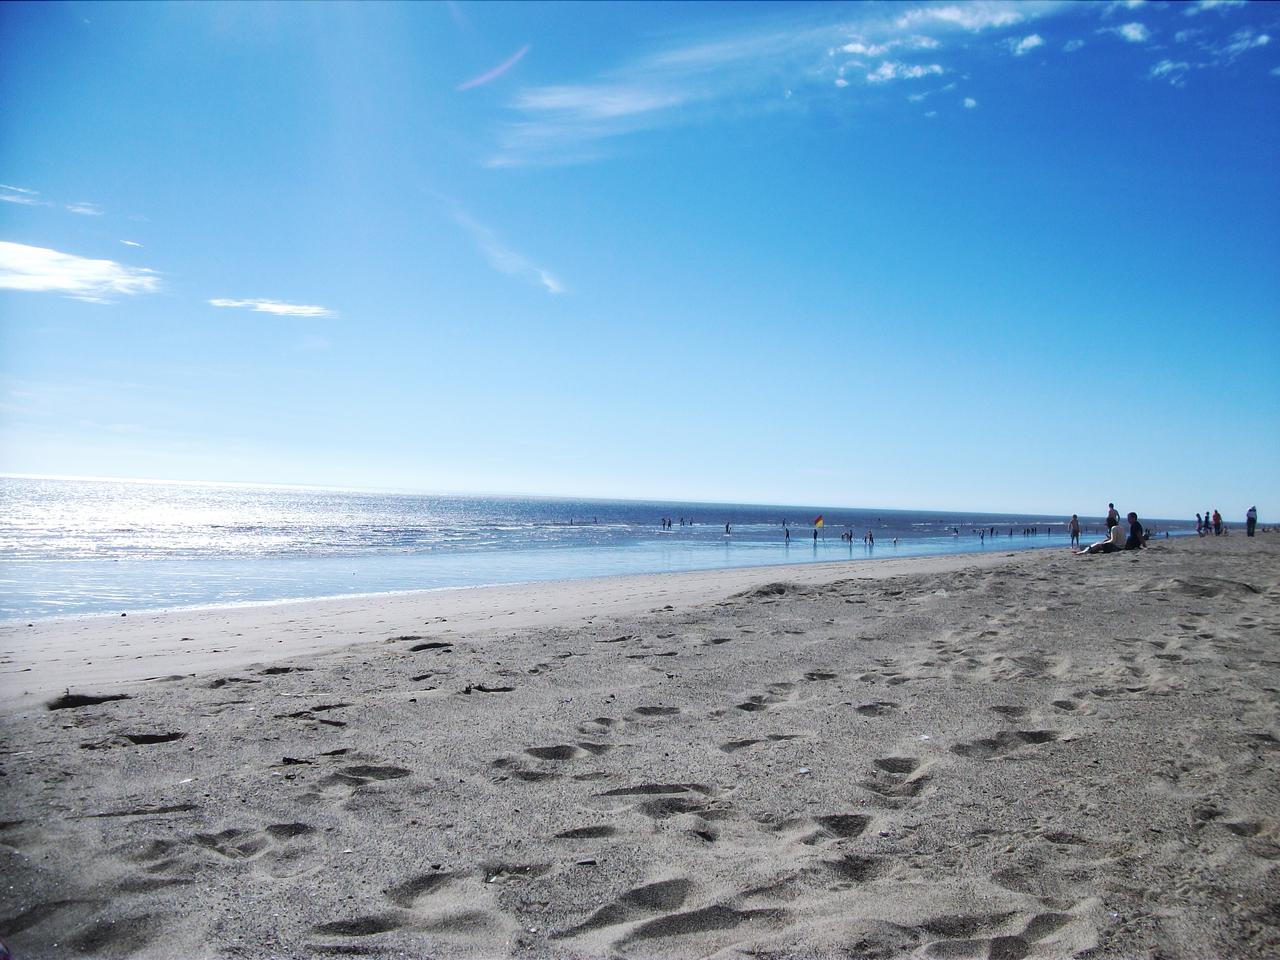 Skegness Beach #1 by ryanr08